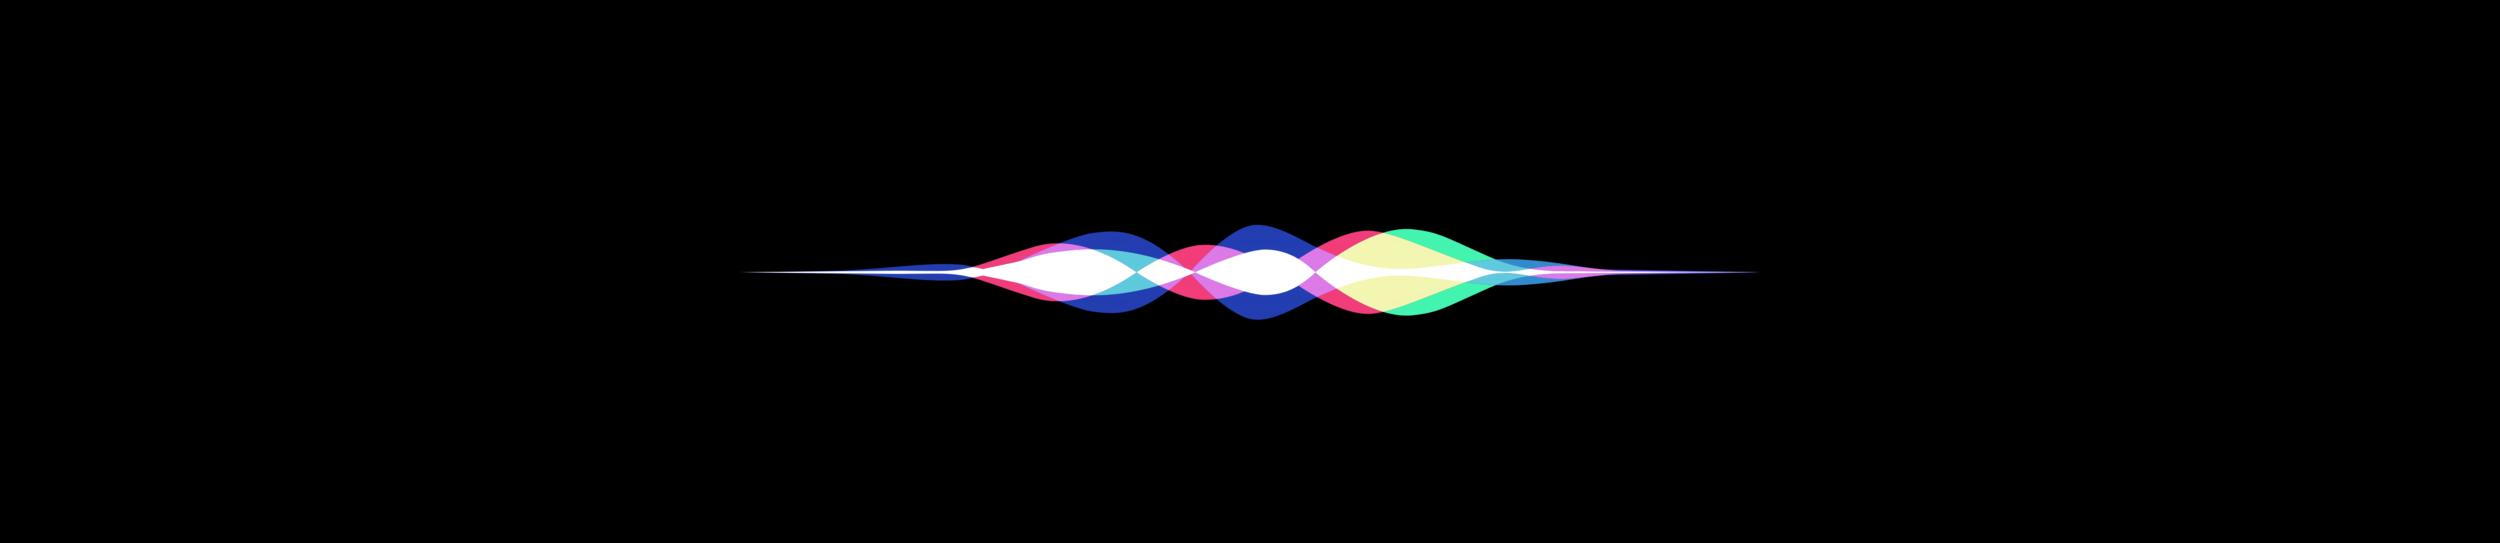 Siri1.png